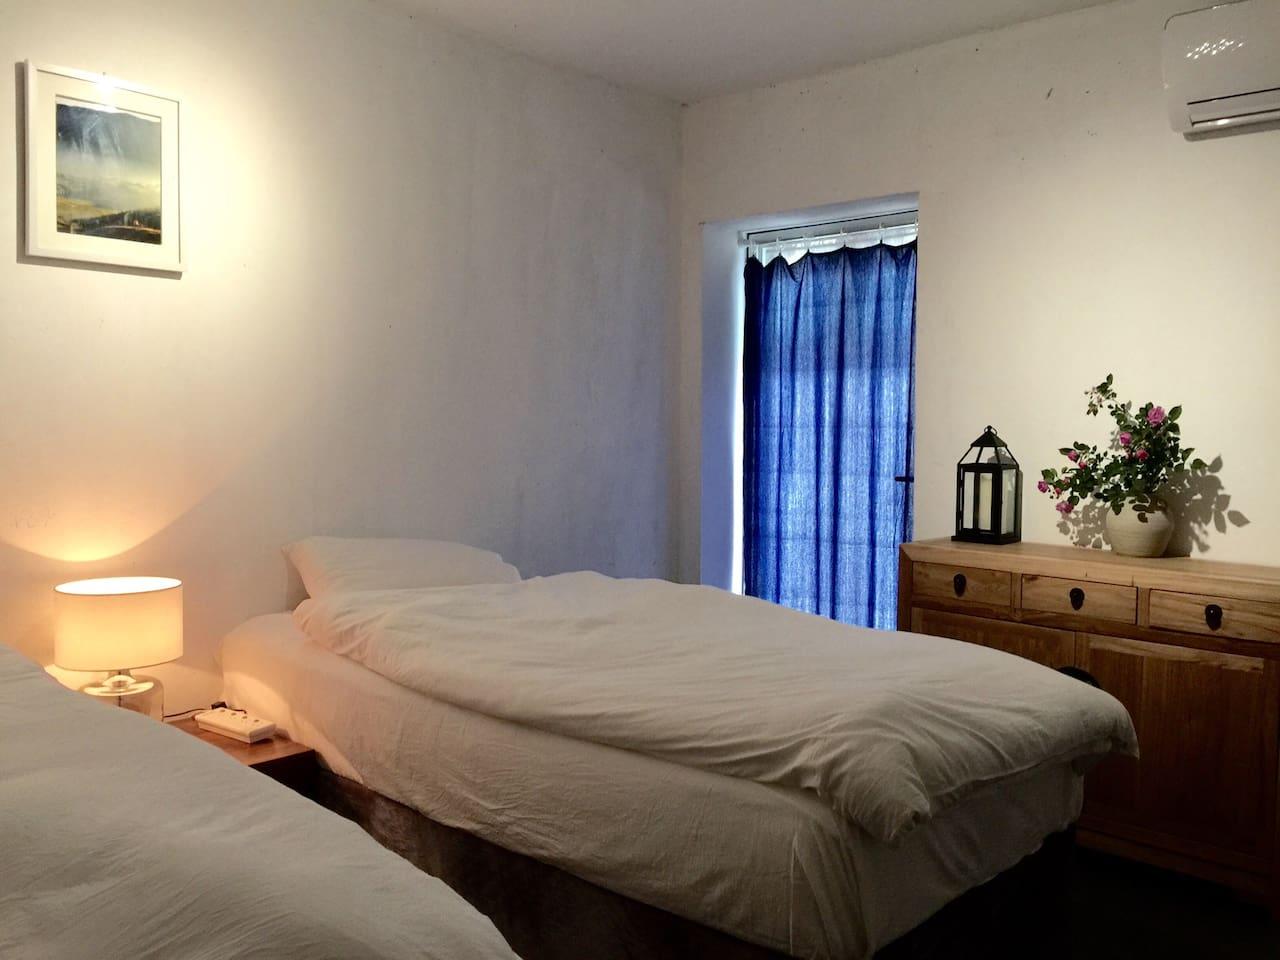 简洁干净的禅意卧房,能够让你旅途增添静谧的空间。(屋主手机拍摄)